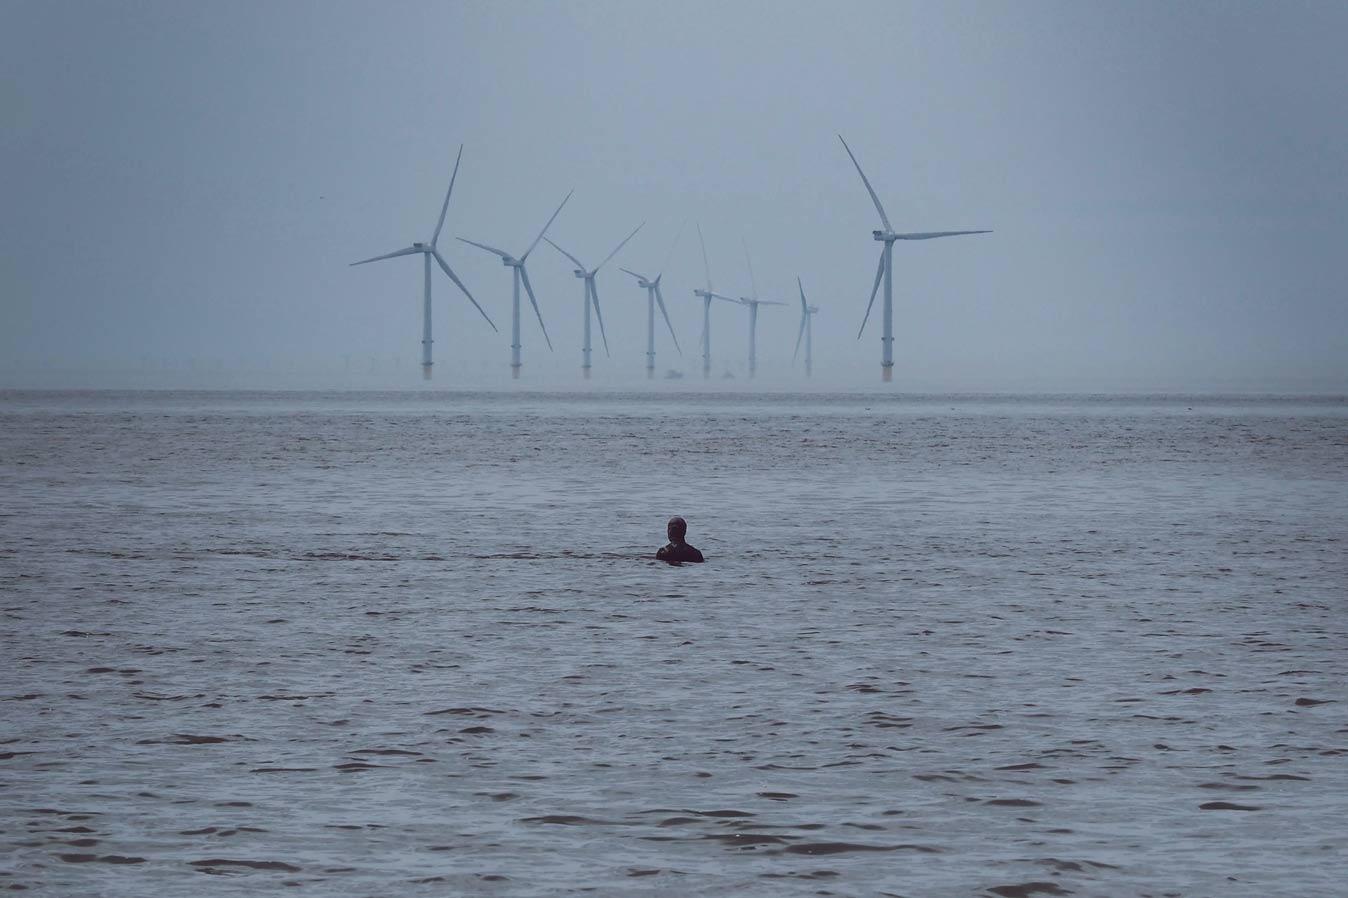 Крупнейший химический концерн в мире построит свои собственные ветряки в Европе